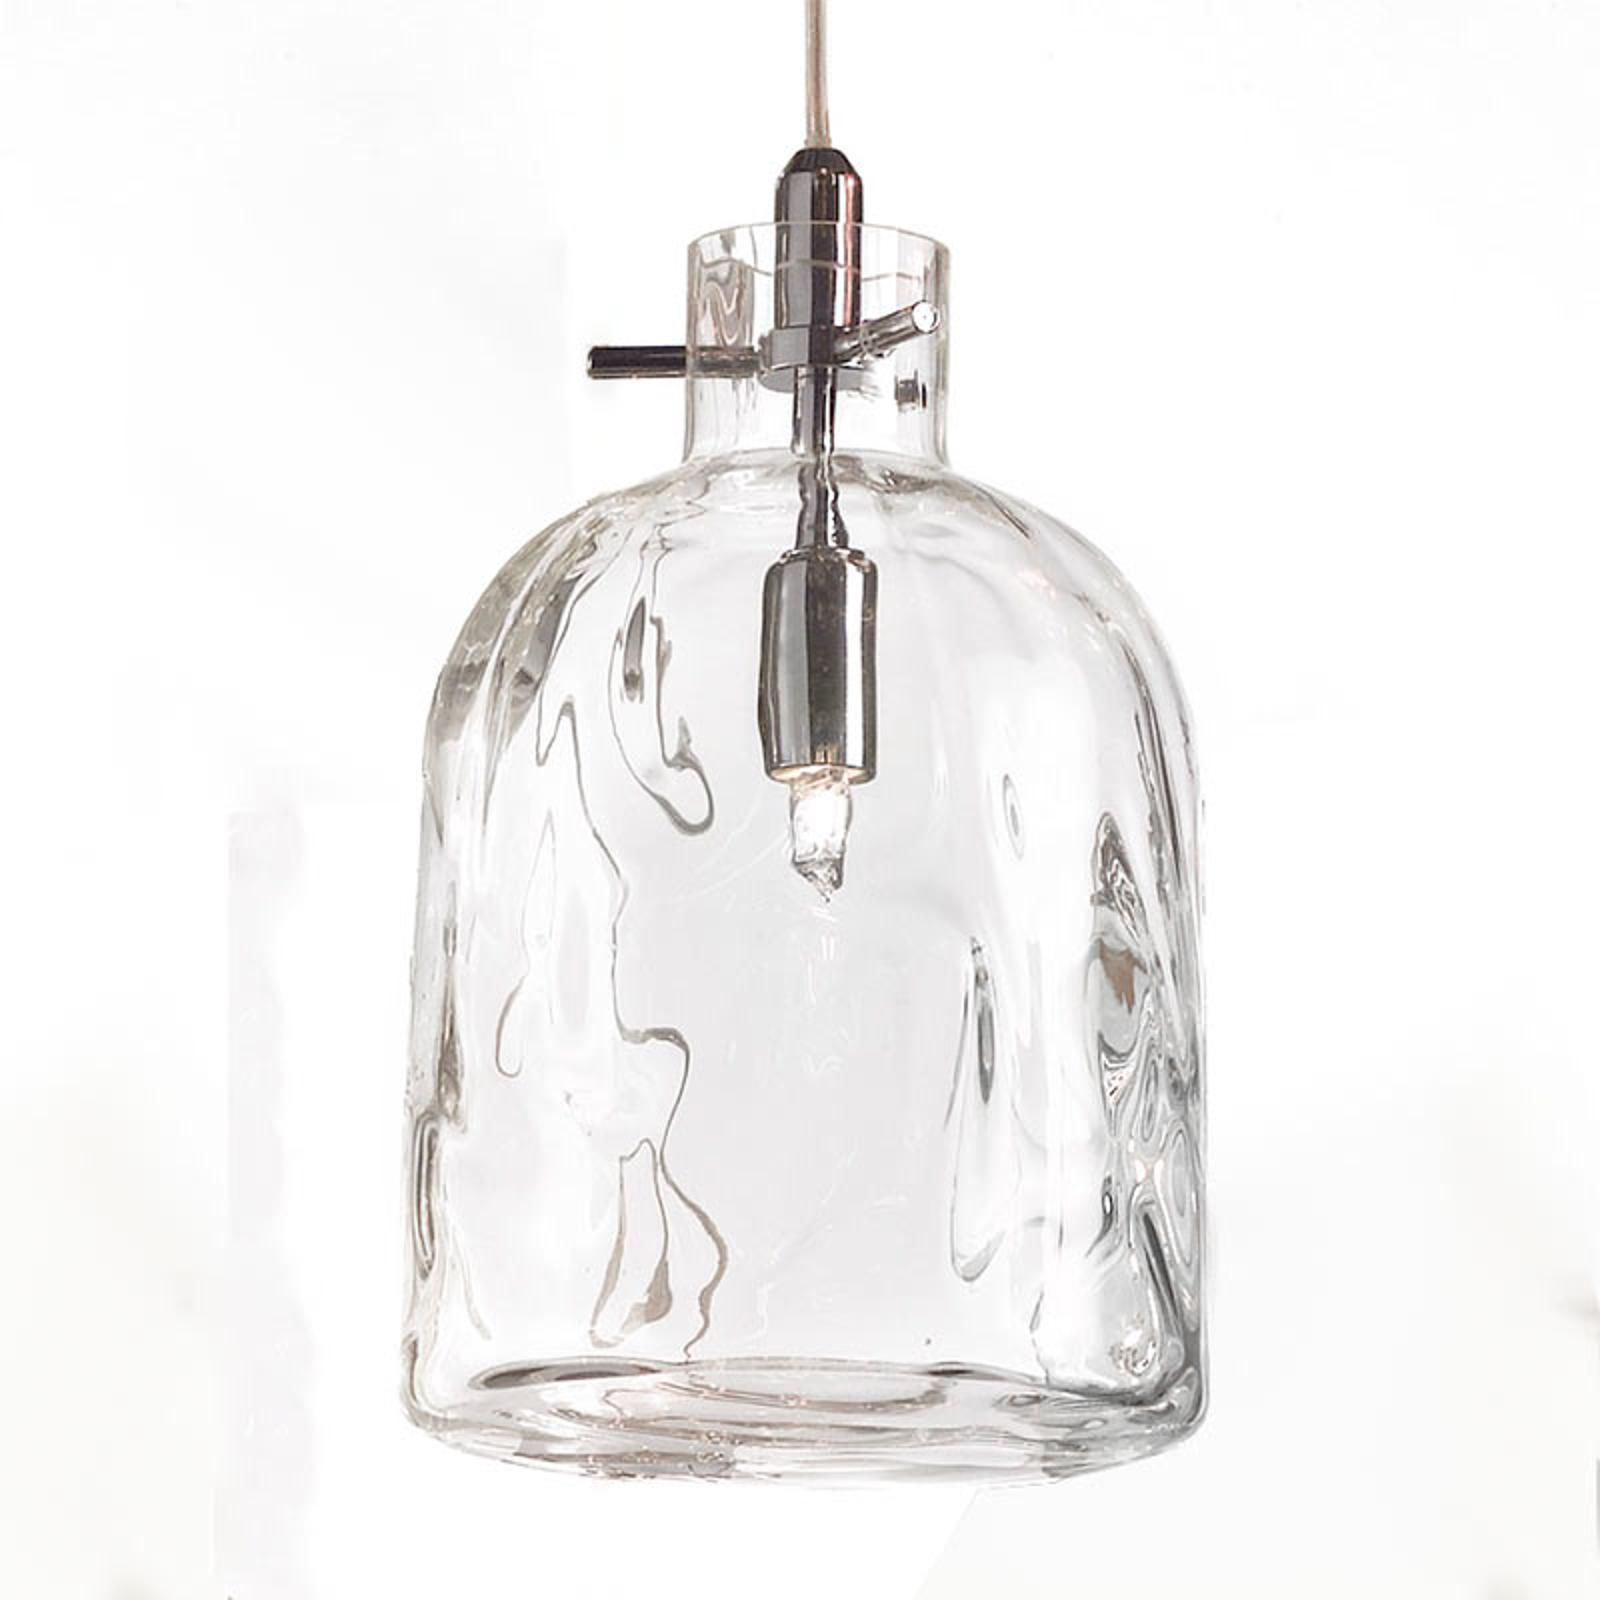 Design-riippuvalaisin Bossa Nova 15 cm läpinäkyvä